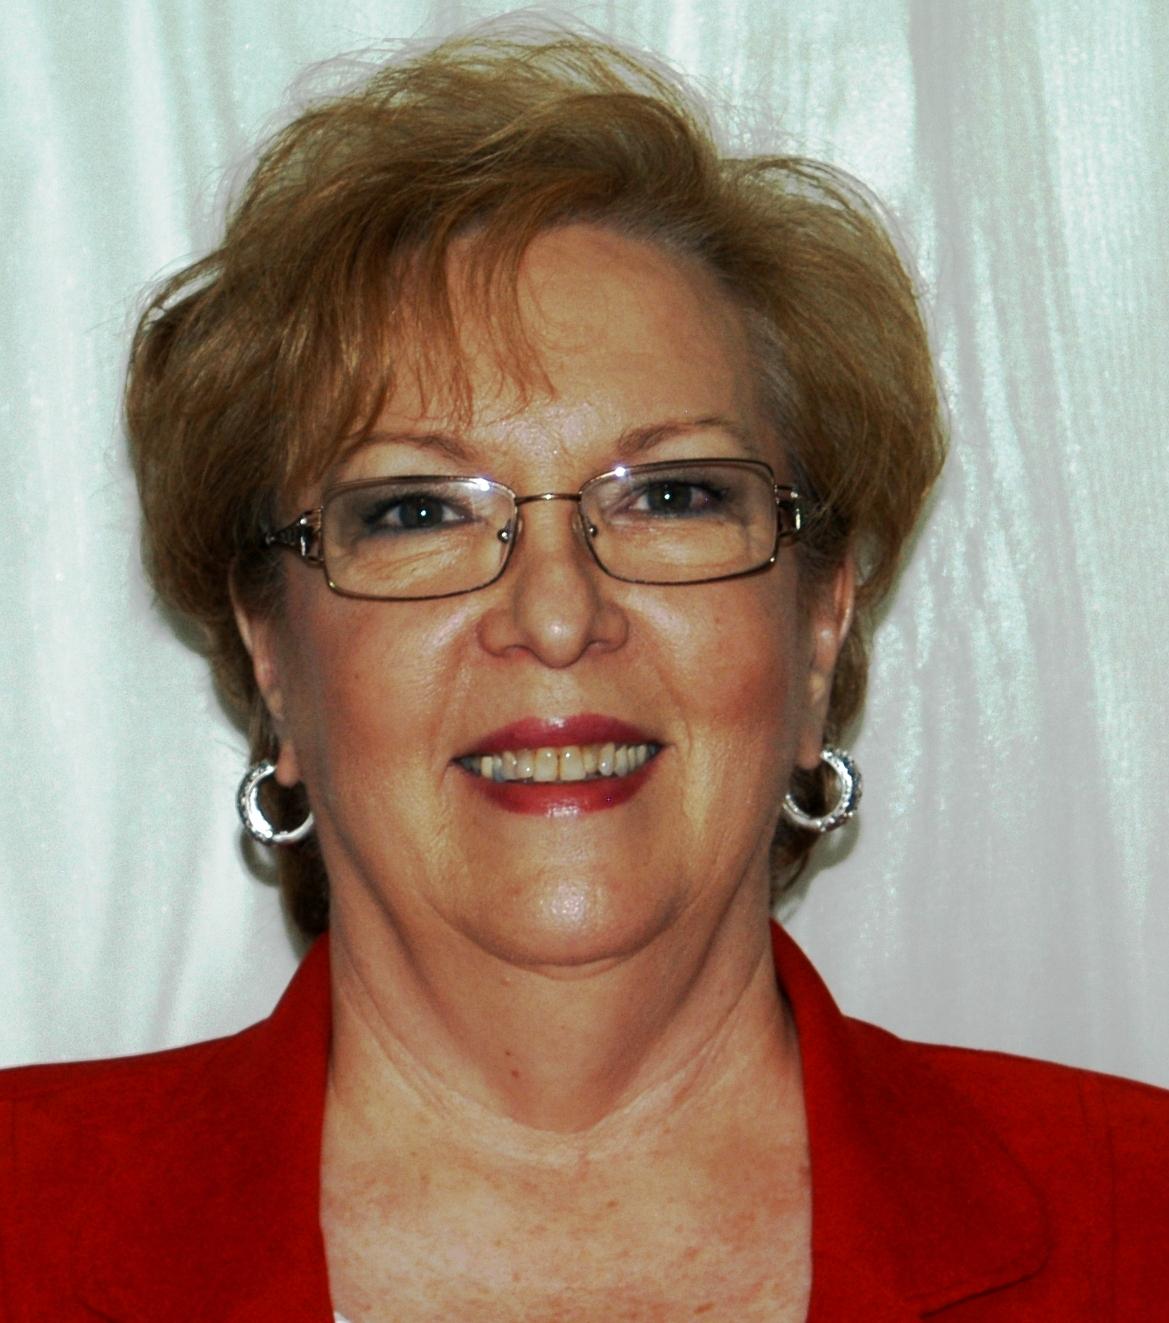 Barbara E Ely Broker/Realtor,e-PRO, SRES RE/Max Premier Choice 3888 Peavine Road Crossville, TN 38571 931-248-1116 direct 931-484-4003 Office